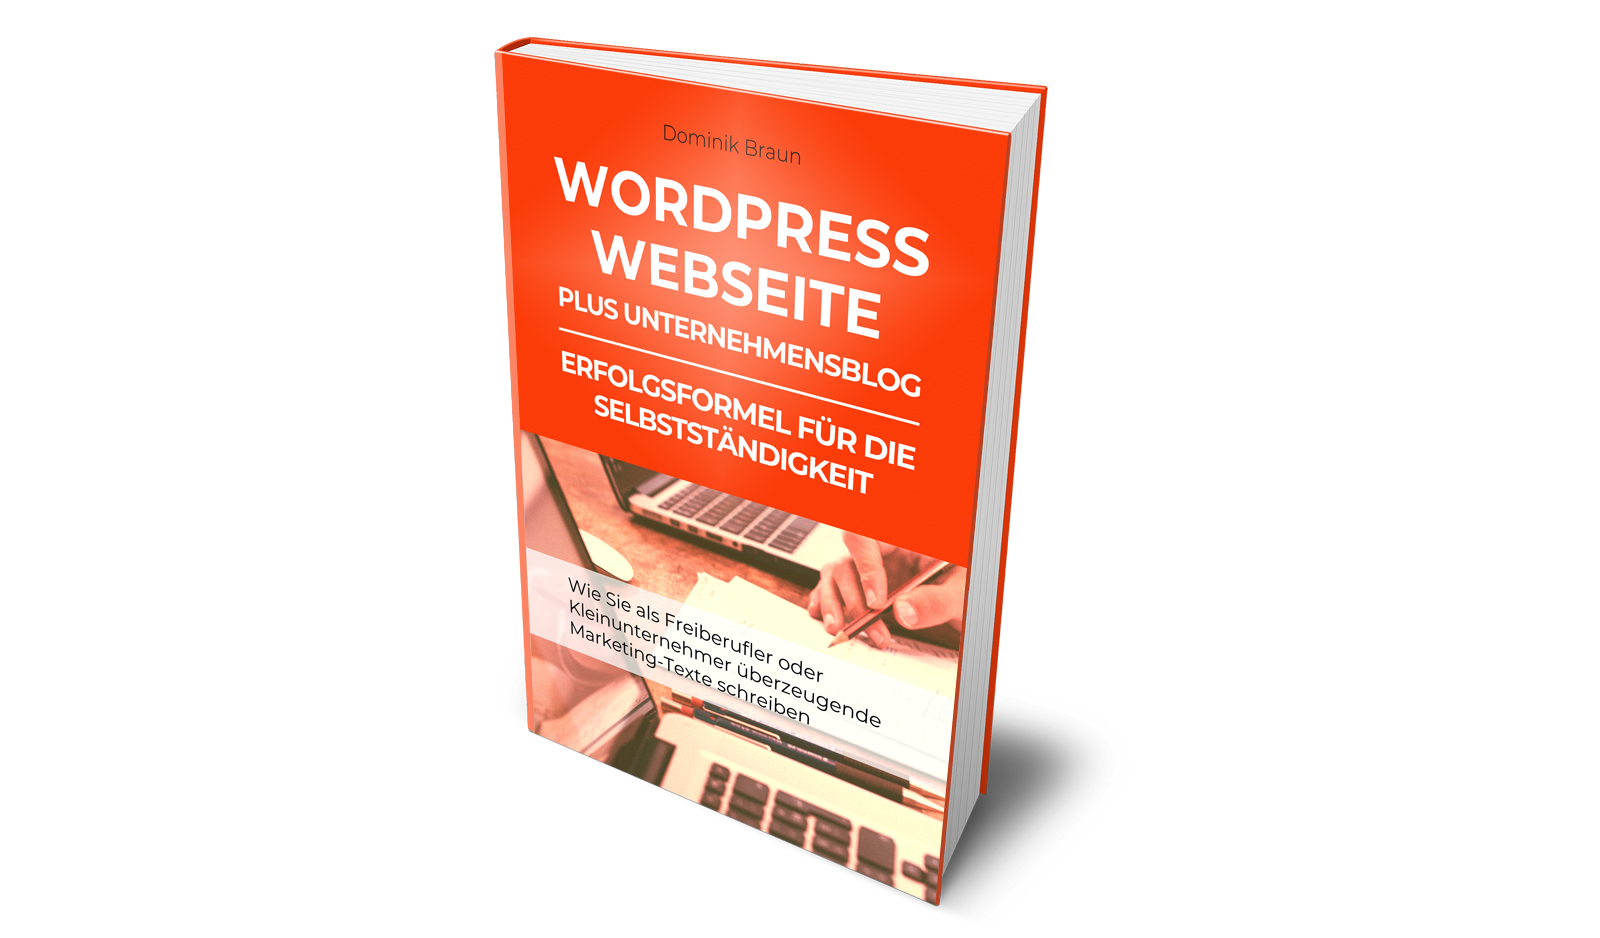 WordPress Webseite plus Unternehmensblog